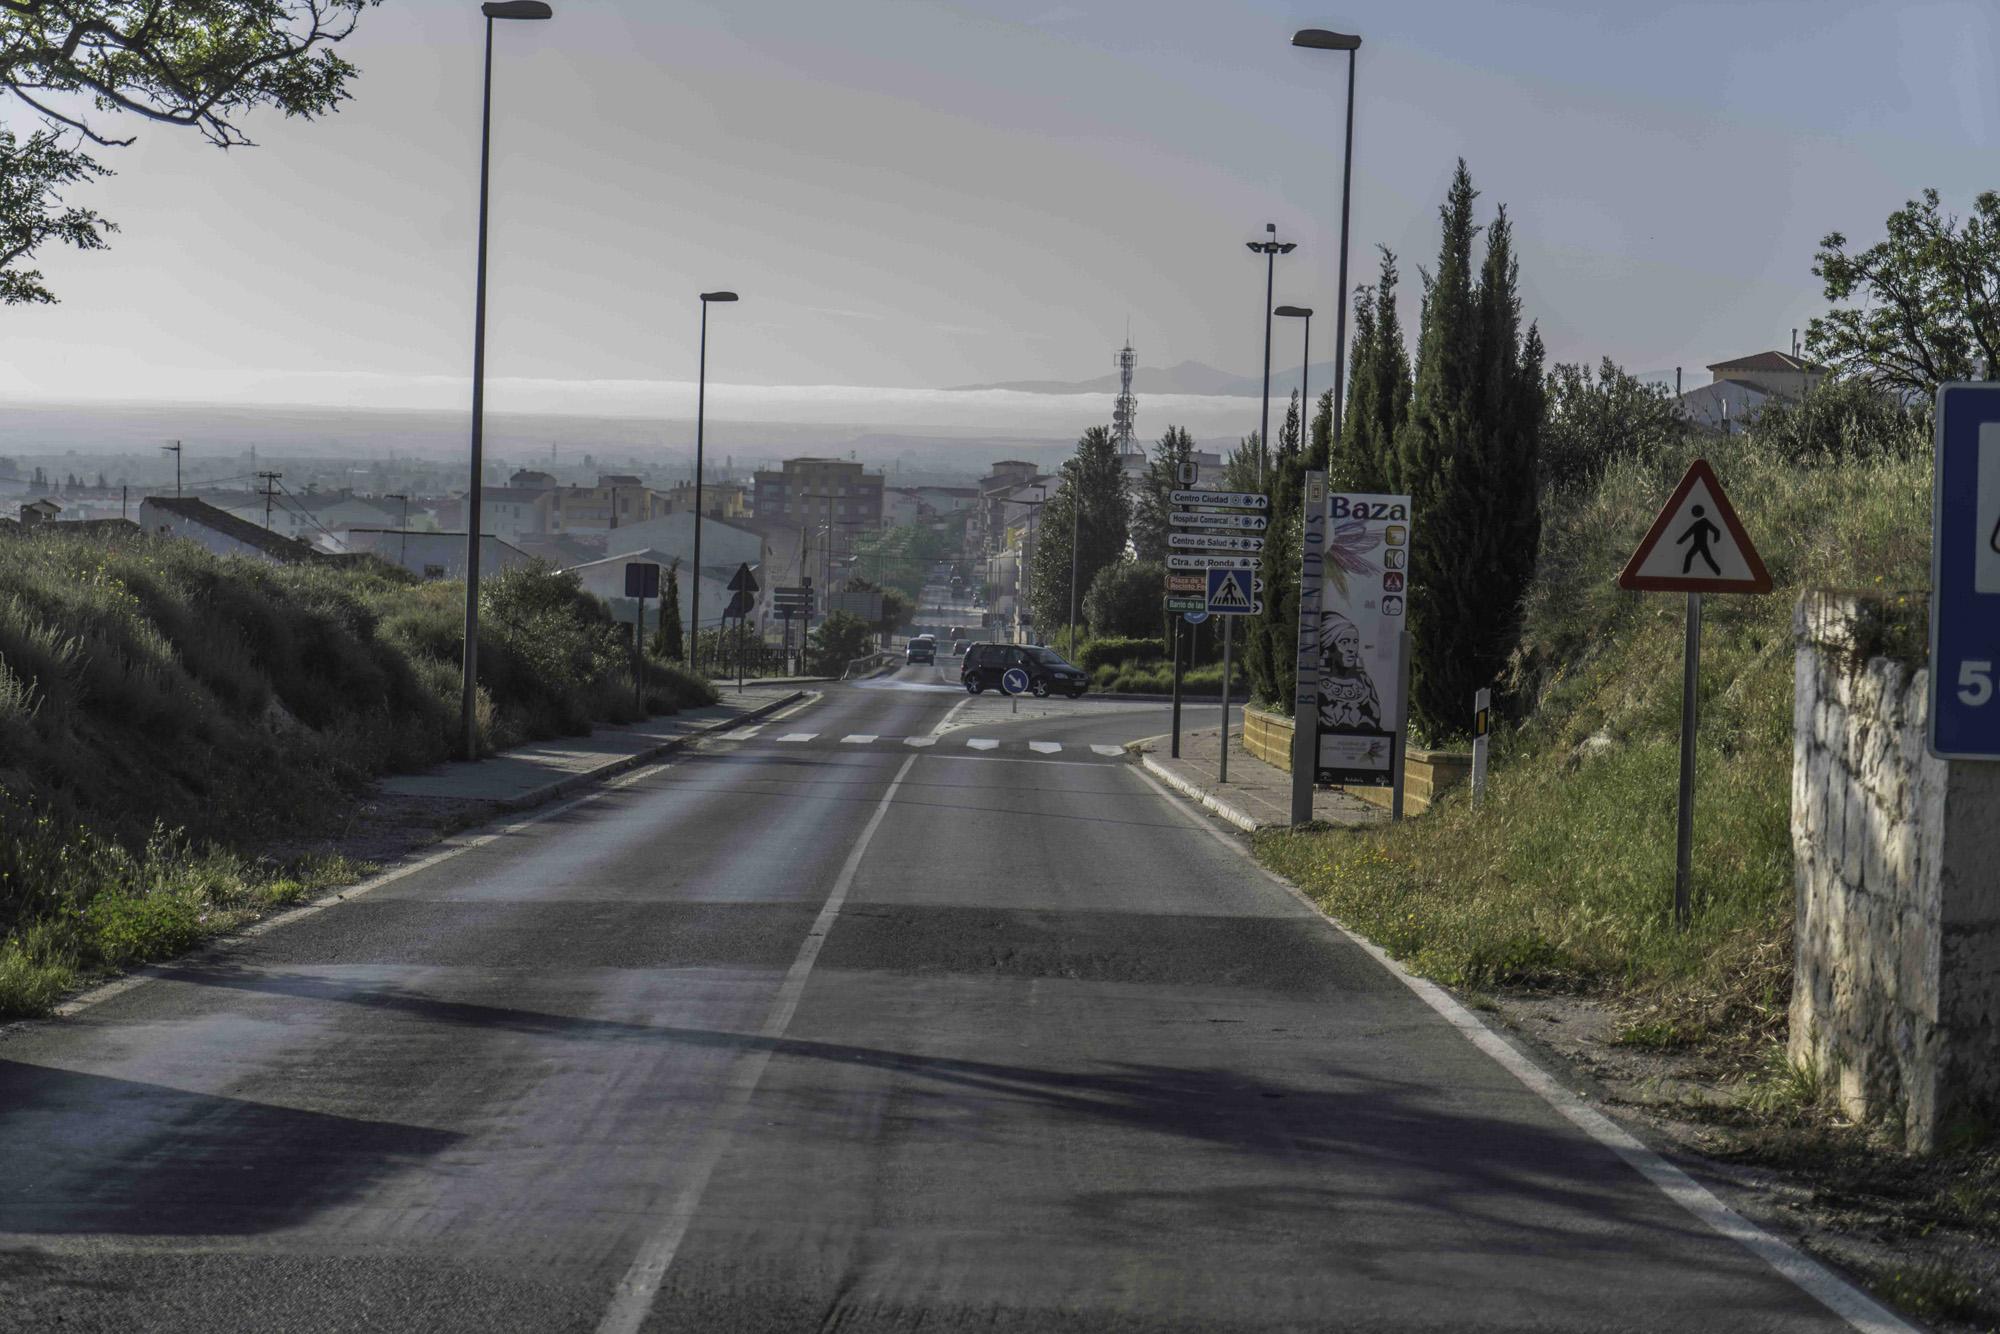 Acceso a Baza por la antigua carretera de Granada